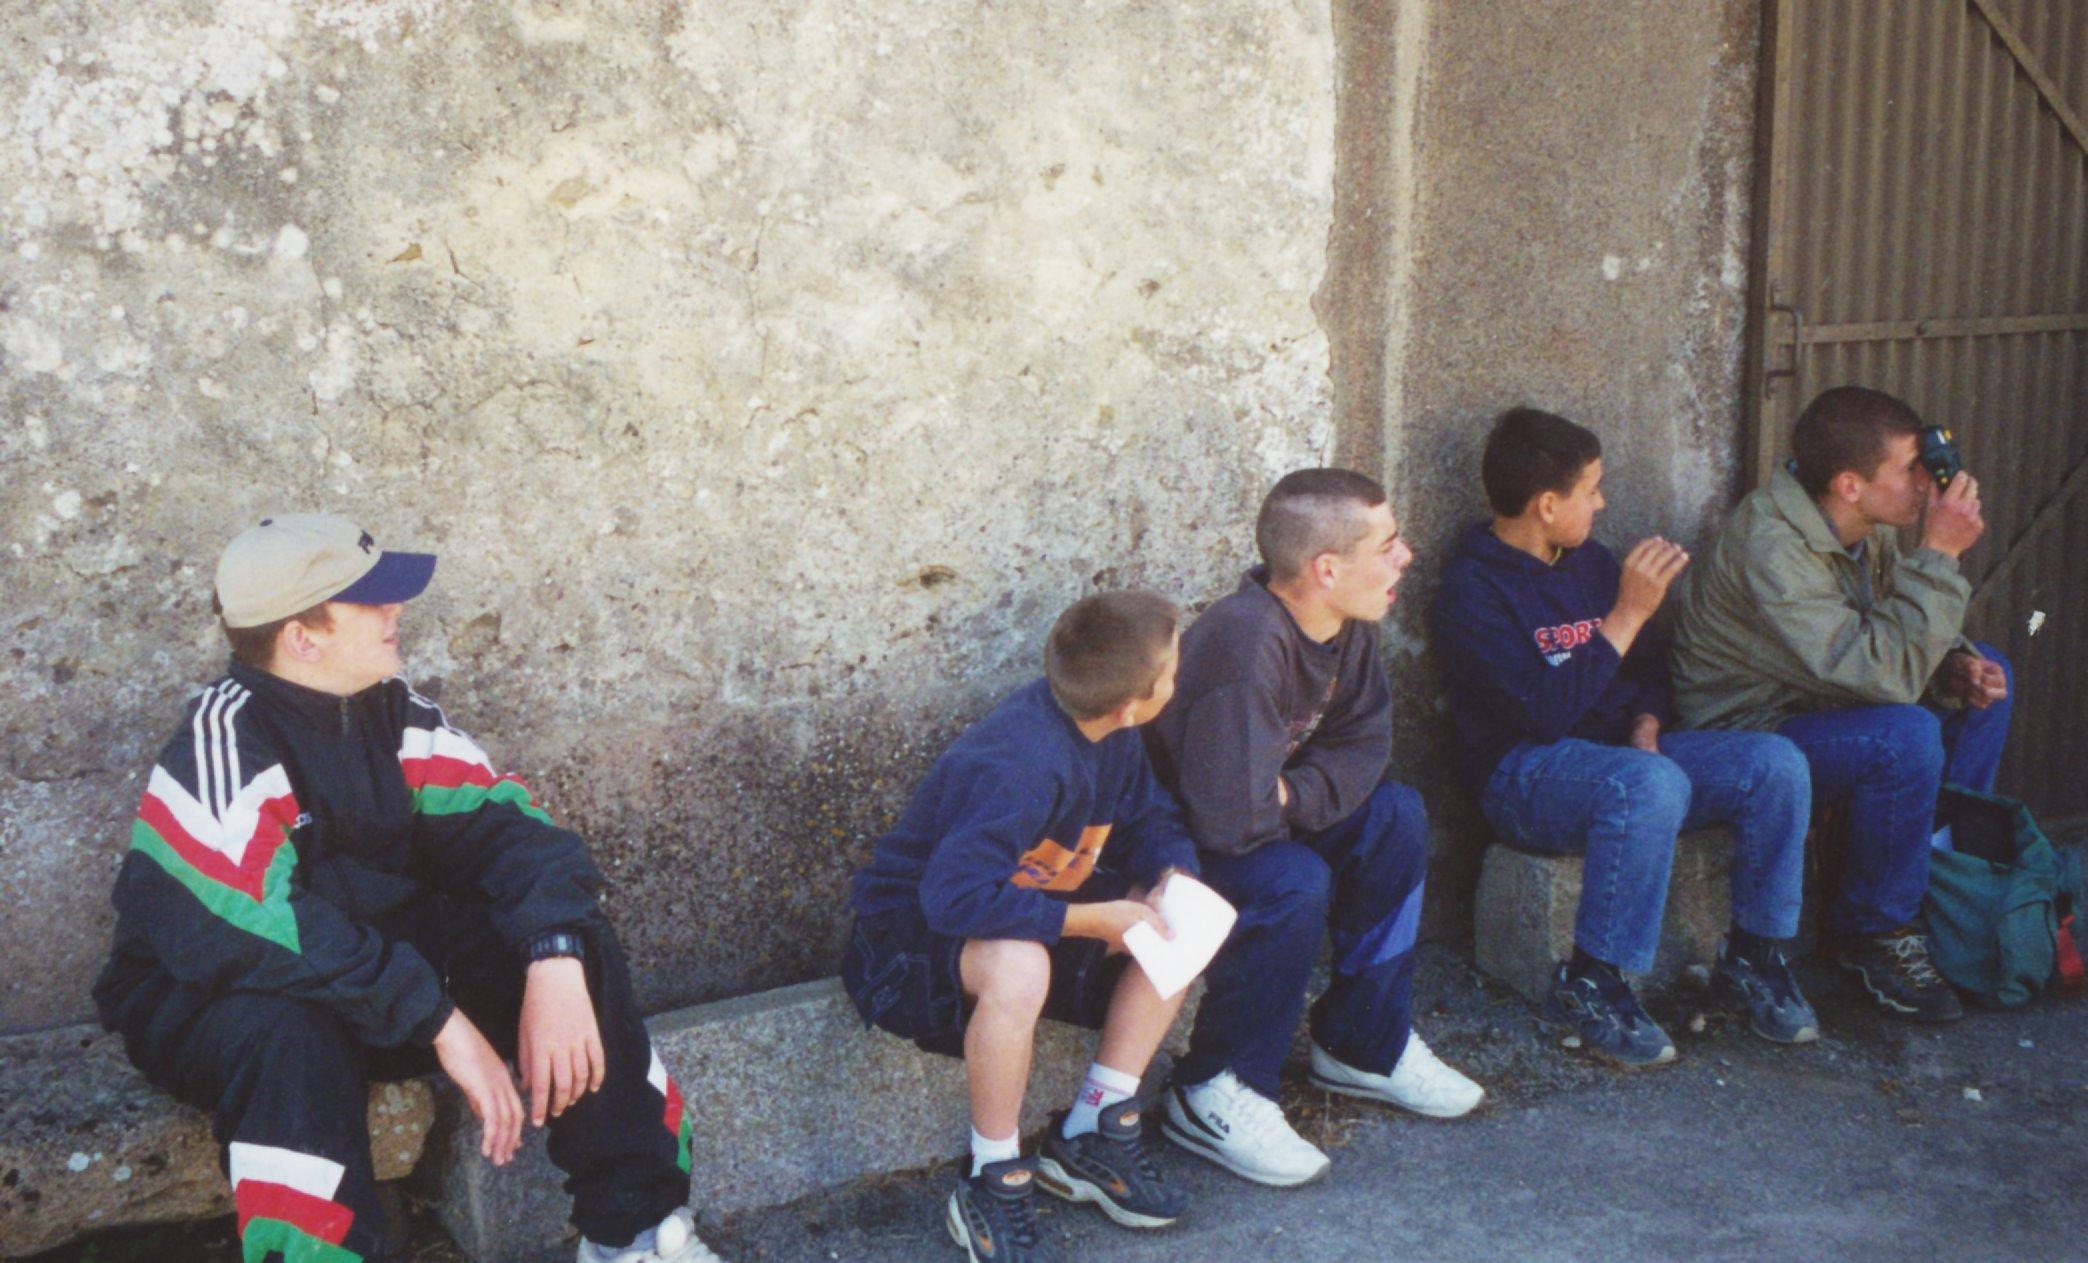 Archives anciens élèves mfr puy-sec 1999 (7)